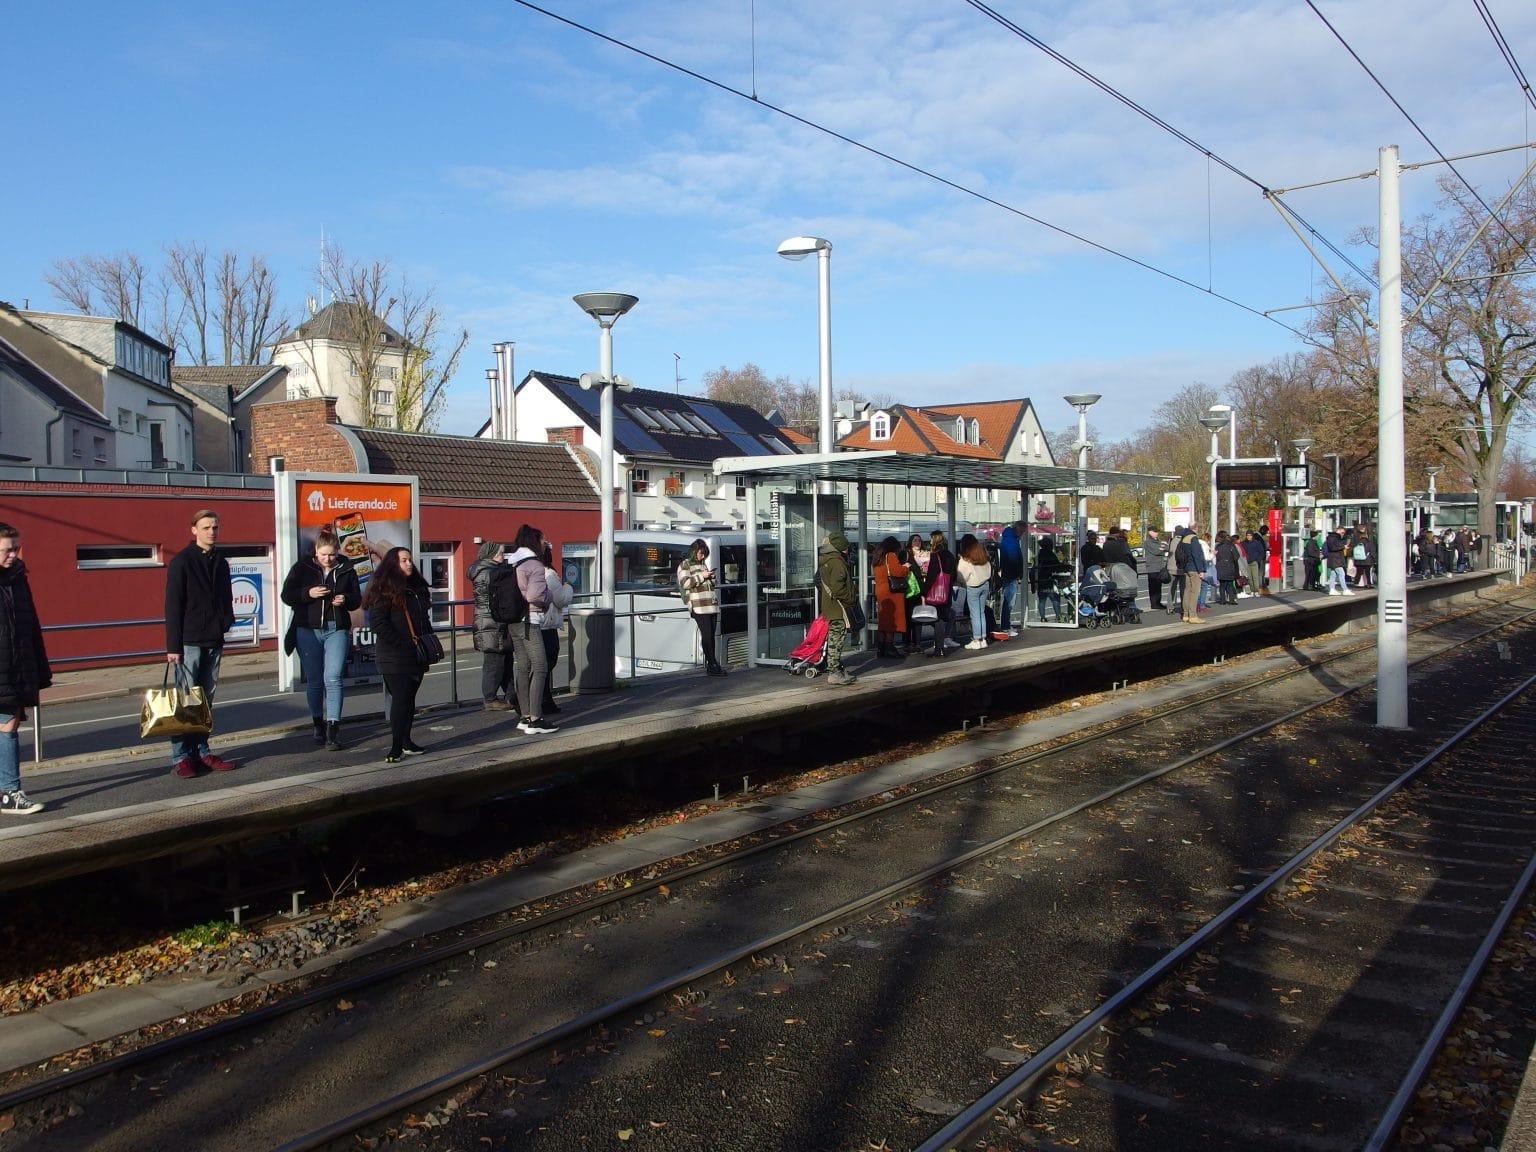 Nicht nur Autofahrer stehen in der Schlange neben den Düsseldorfer Umweltspuren, sondern auch Fahrgäste aufgereiht auf den Bahnsteigen der U 79, wie hier am Klemensplatz. Foto: SO